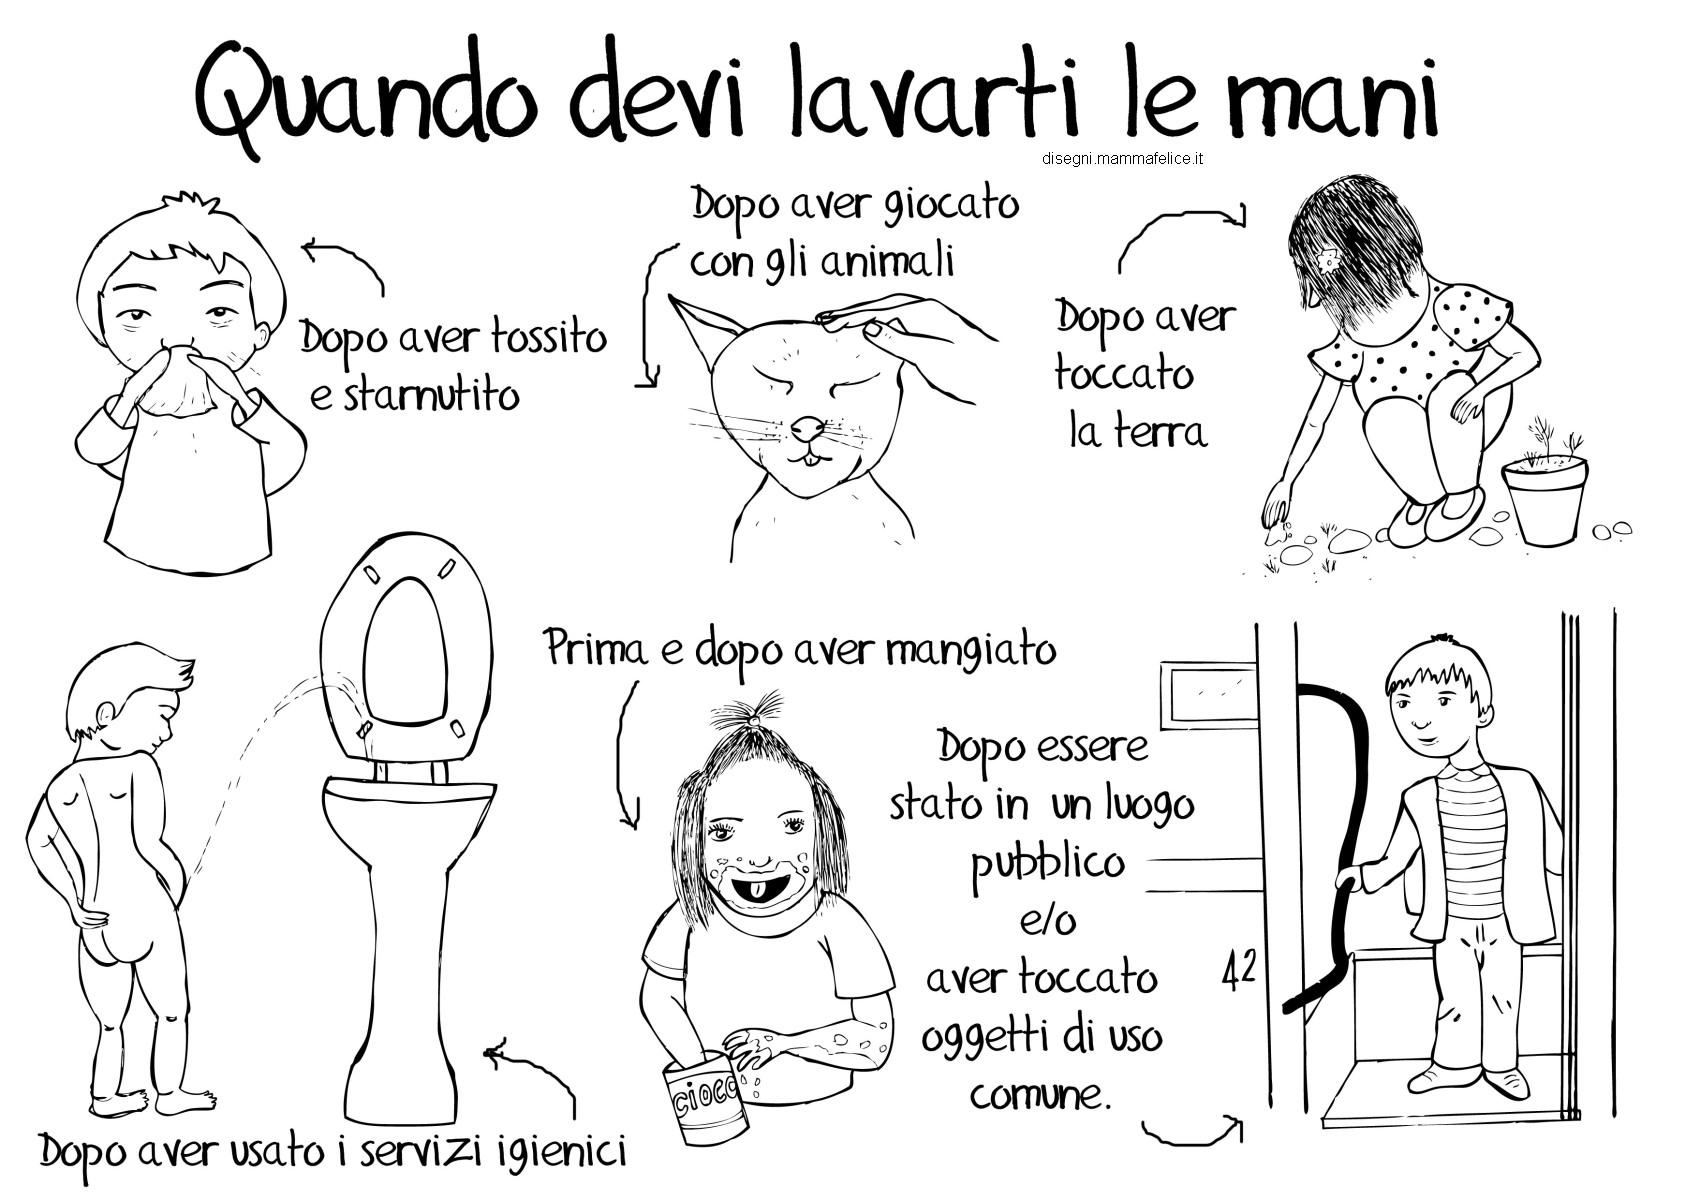 disegni-da-colorare-educativi-per-bambini-imparare-a-lavarsi-le-mani